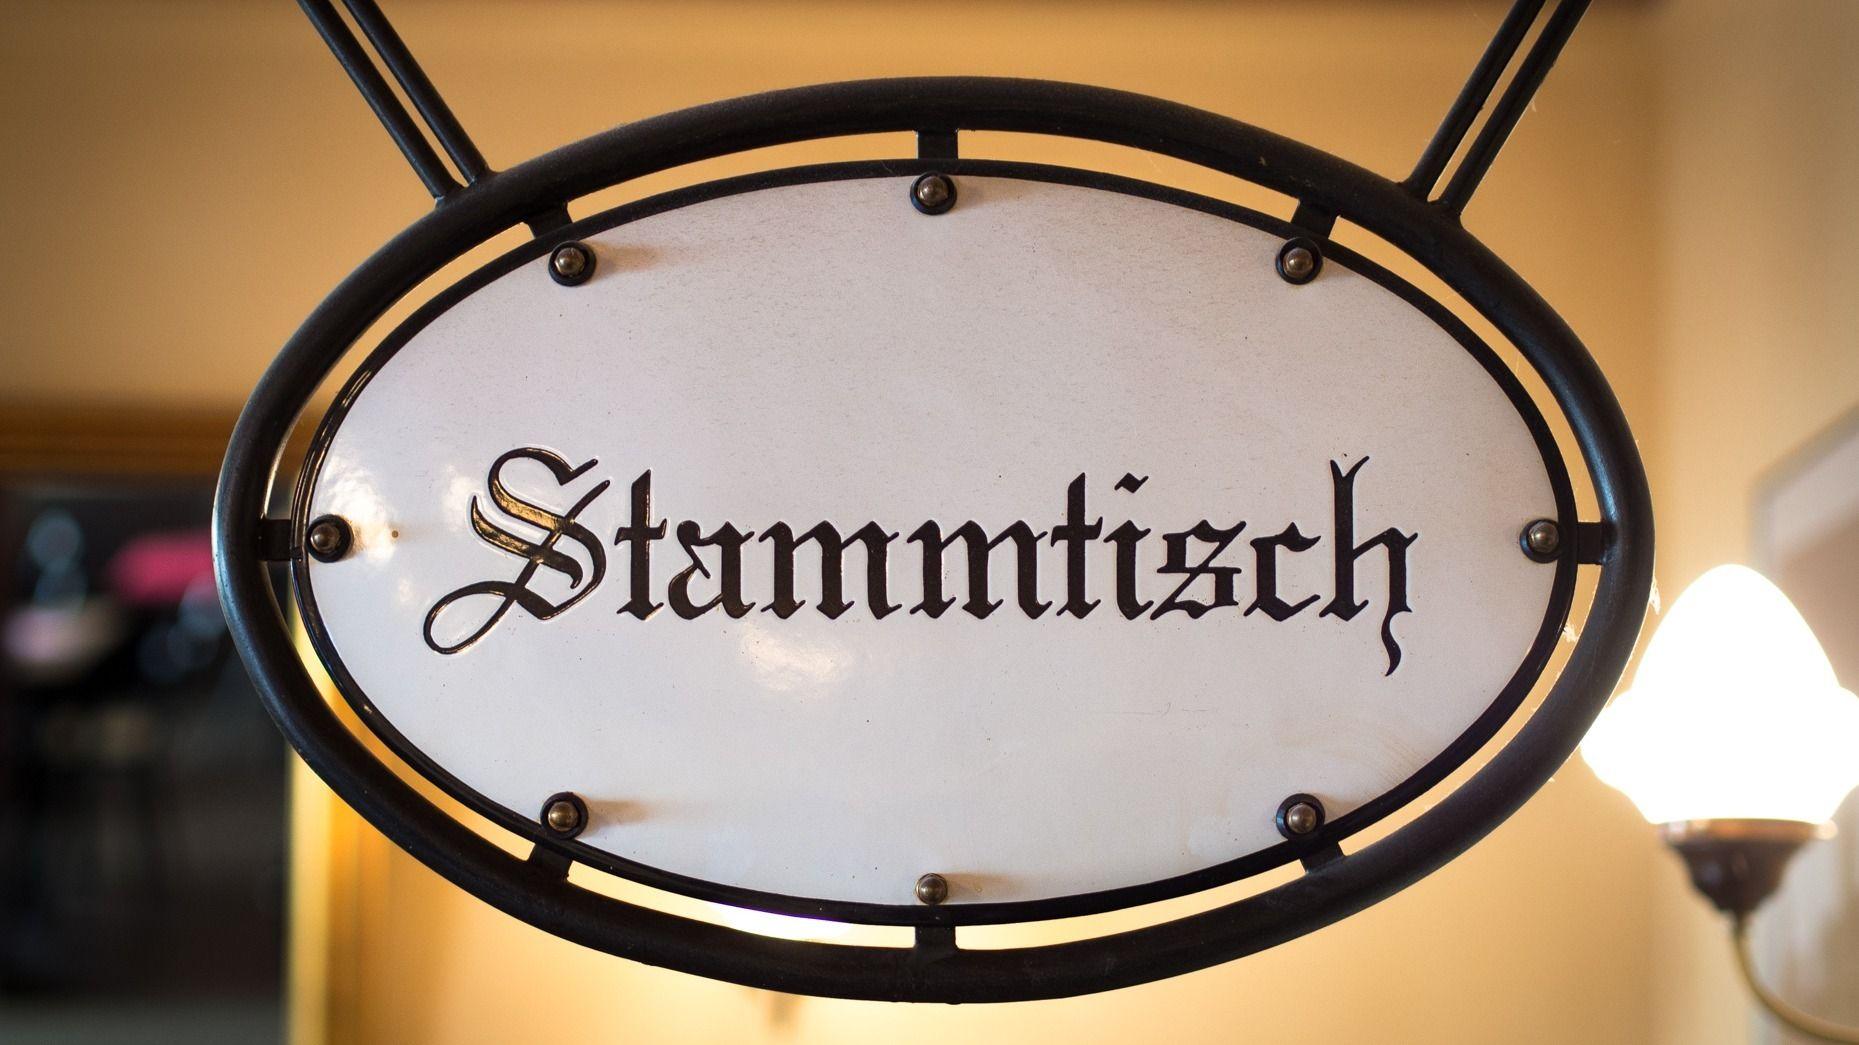 Stammtisch - Lake Zurich